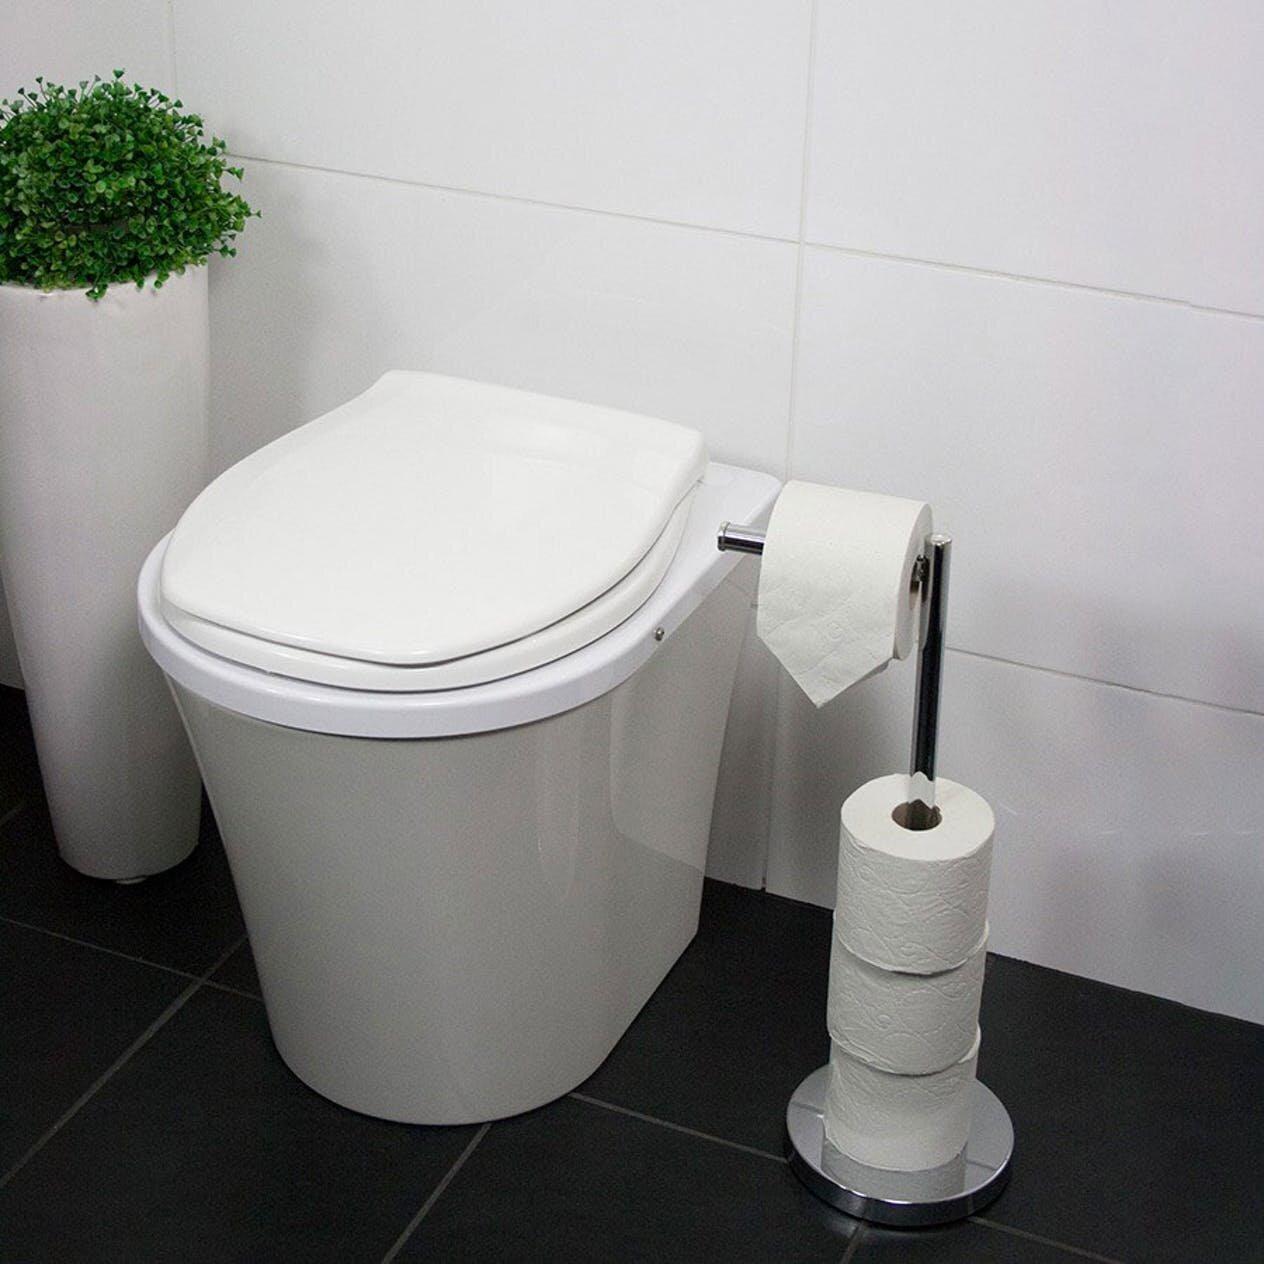 Toilette sèche spéciale urine Separett